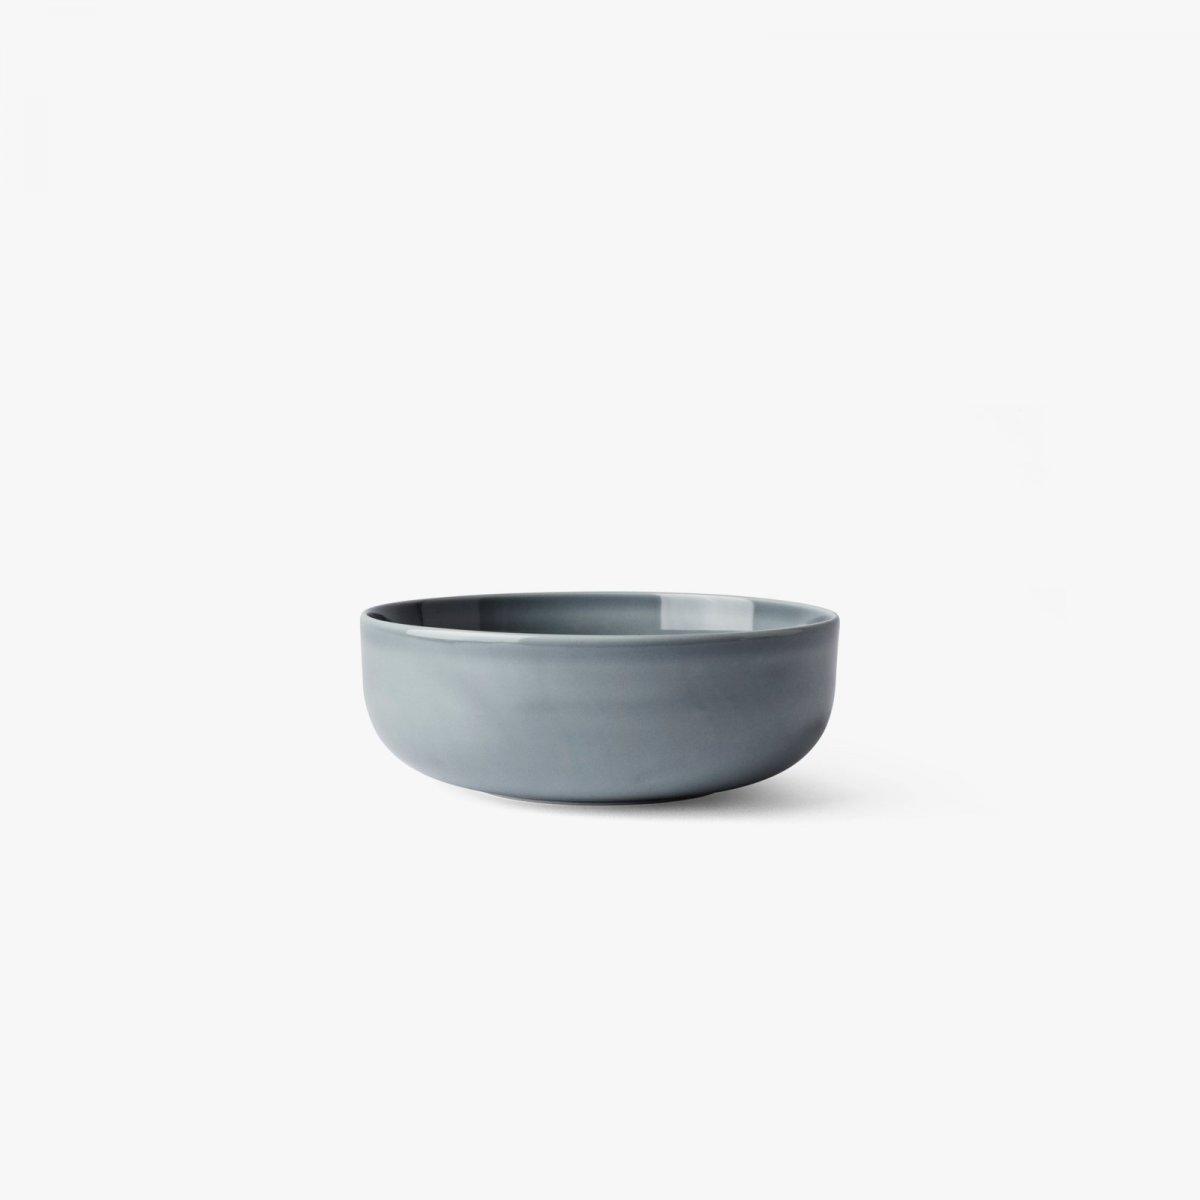 New Norm Bowl, Ø 17.5 cm, ocean.